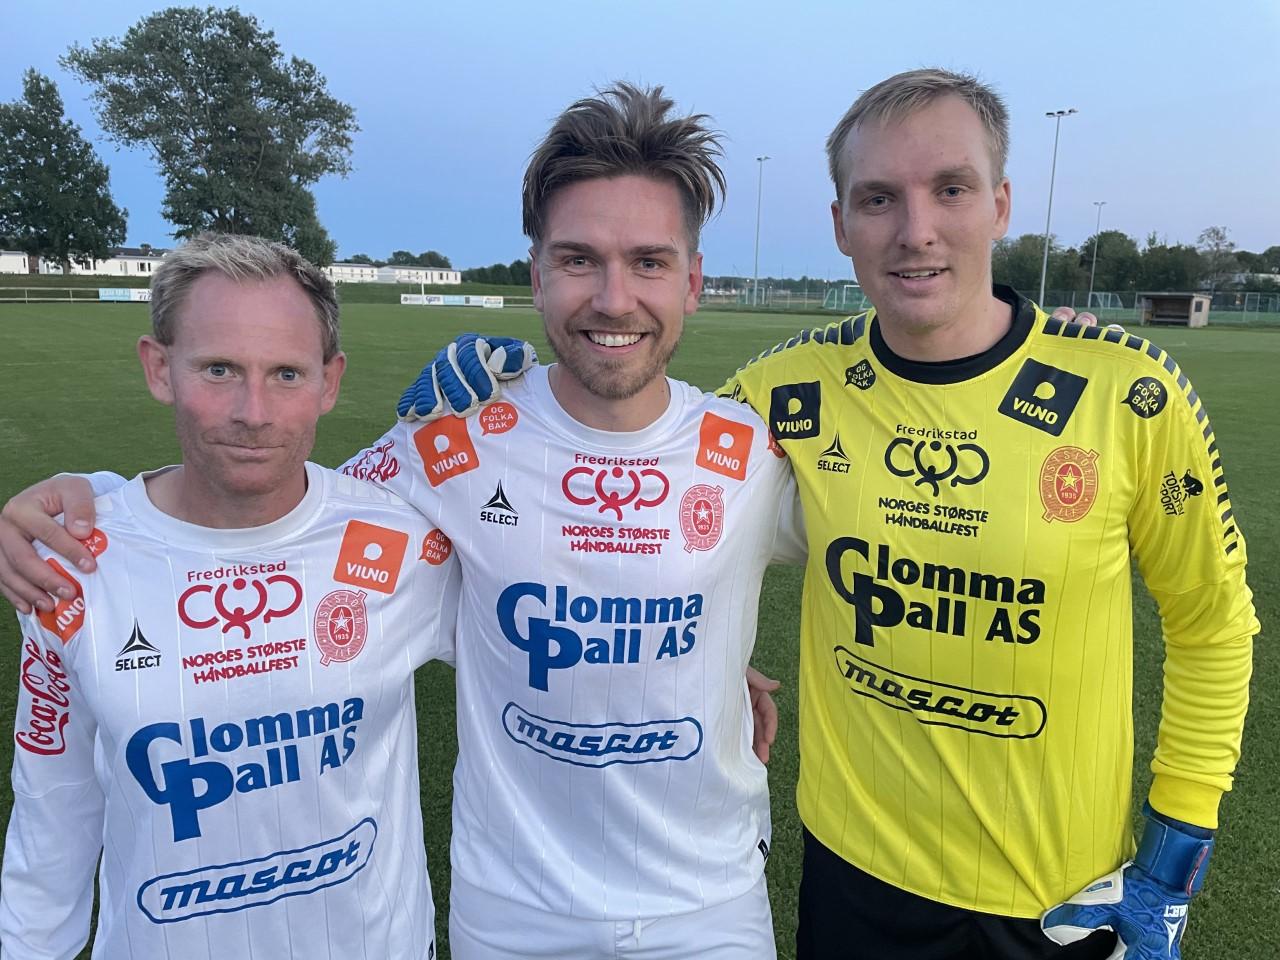 Michael Røn, Petter Stedjeberg og Christian Sukke